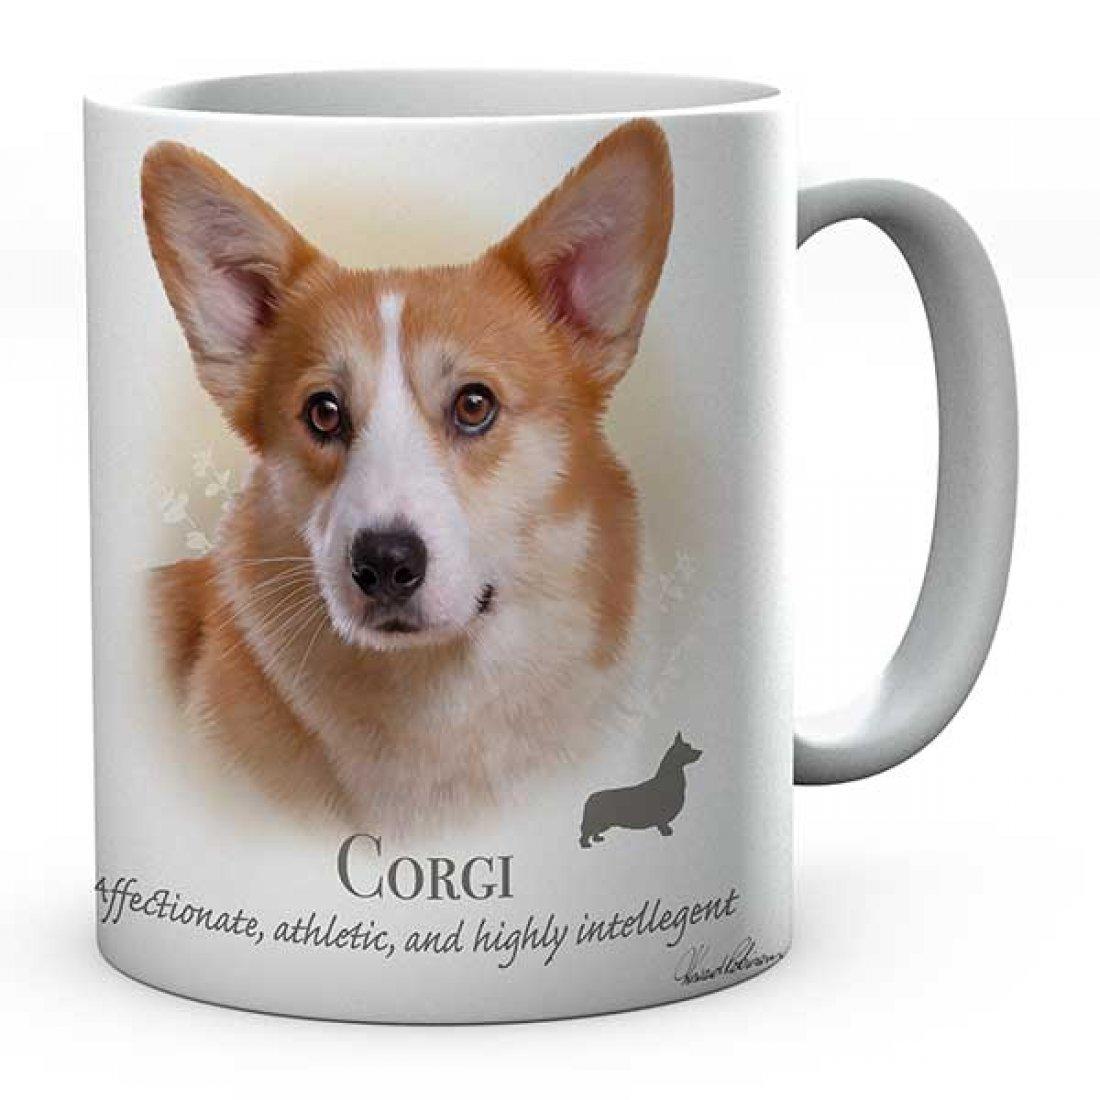 Personalised Printed Corgi Dog Ceramic Mug